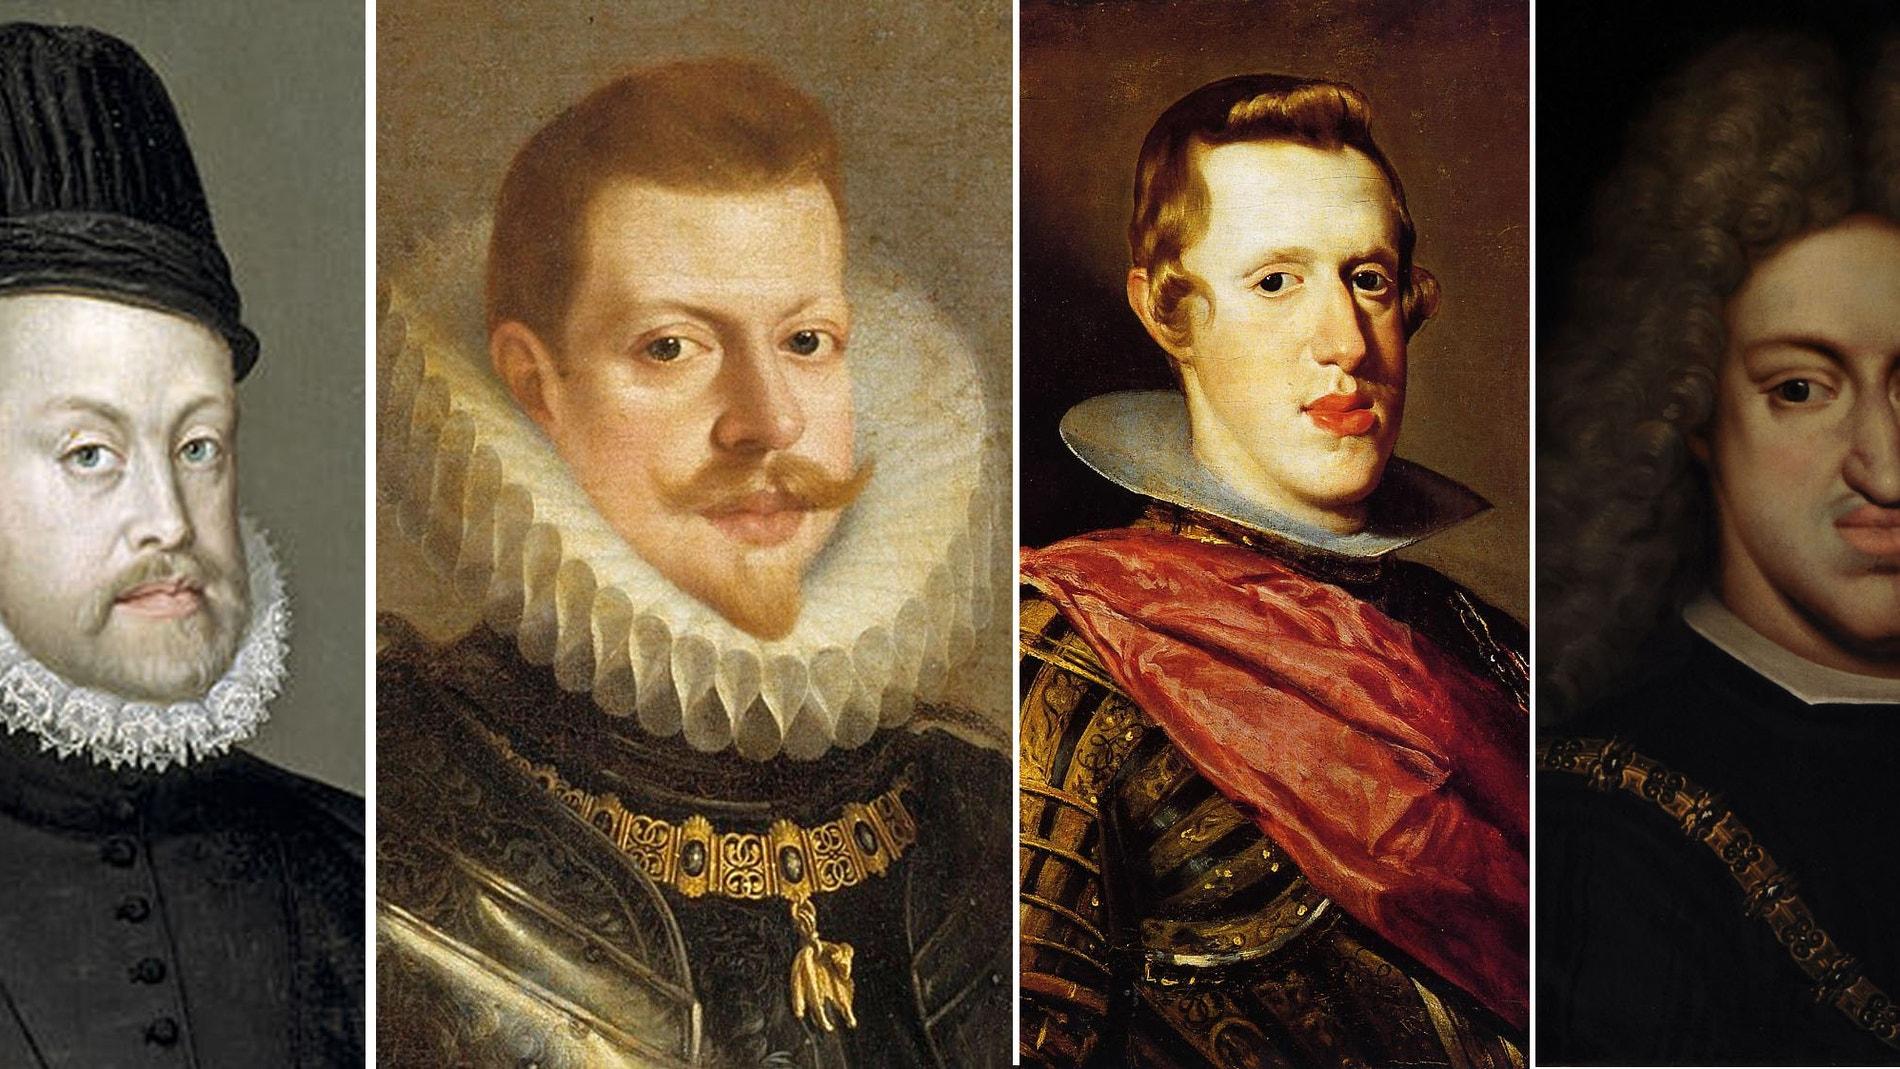 De Izquierda a derecha. Retratos de 4 generaciones de Austrias. Felipe II, Felipe III, Felipe IV y Carlos II, 'el Hechizado'